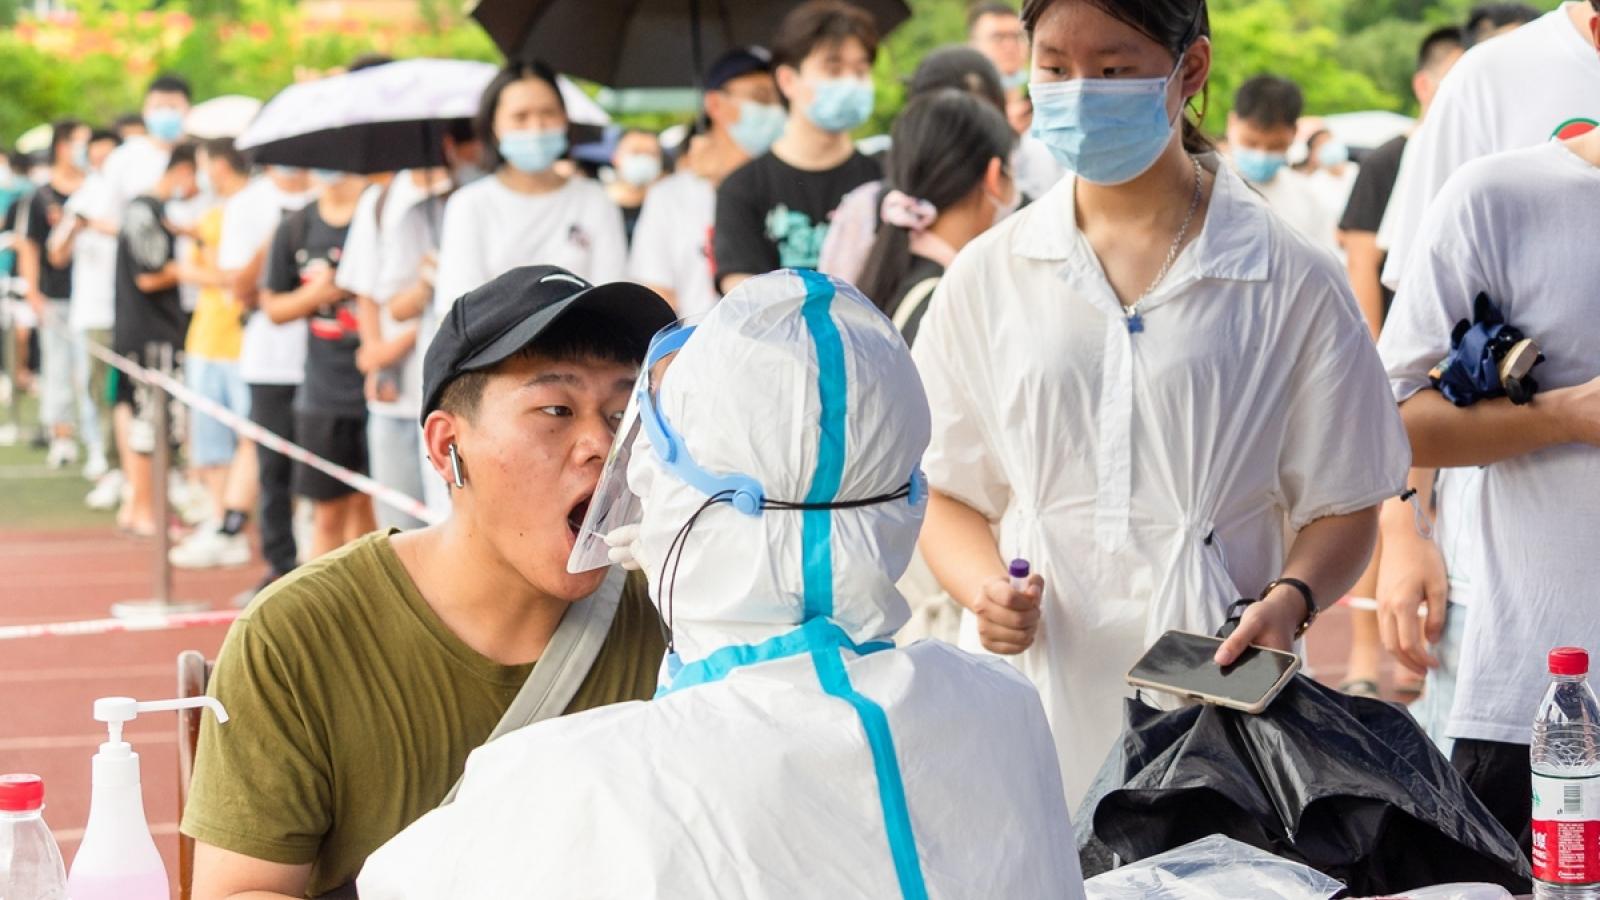 Trung Quốc xét nghiệm tất cả trường học ở Phúc Kiến vì dịch Covid-19